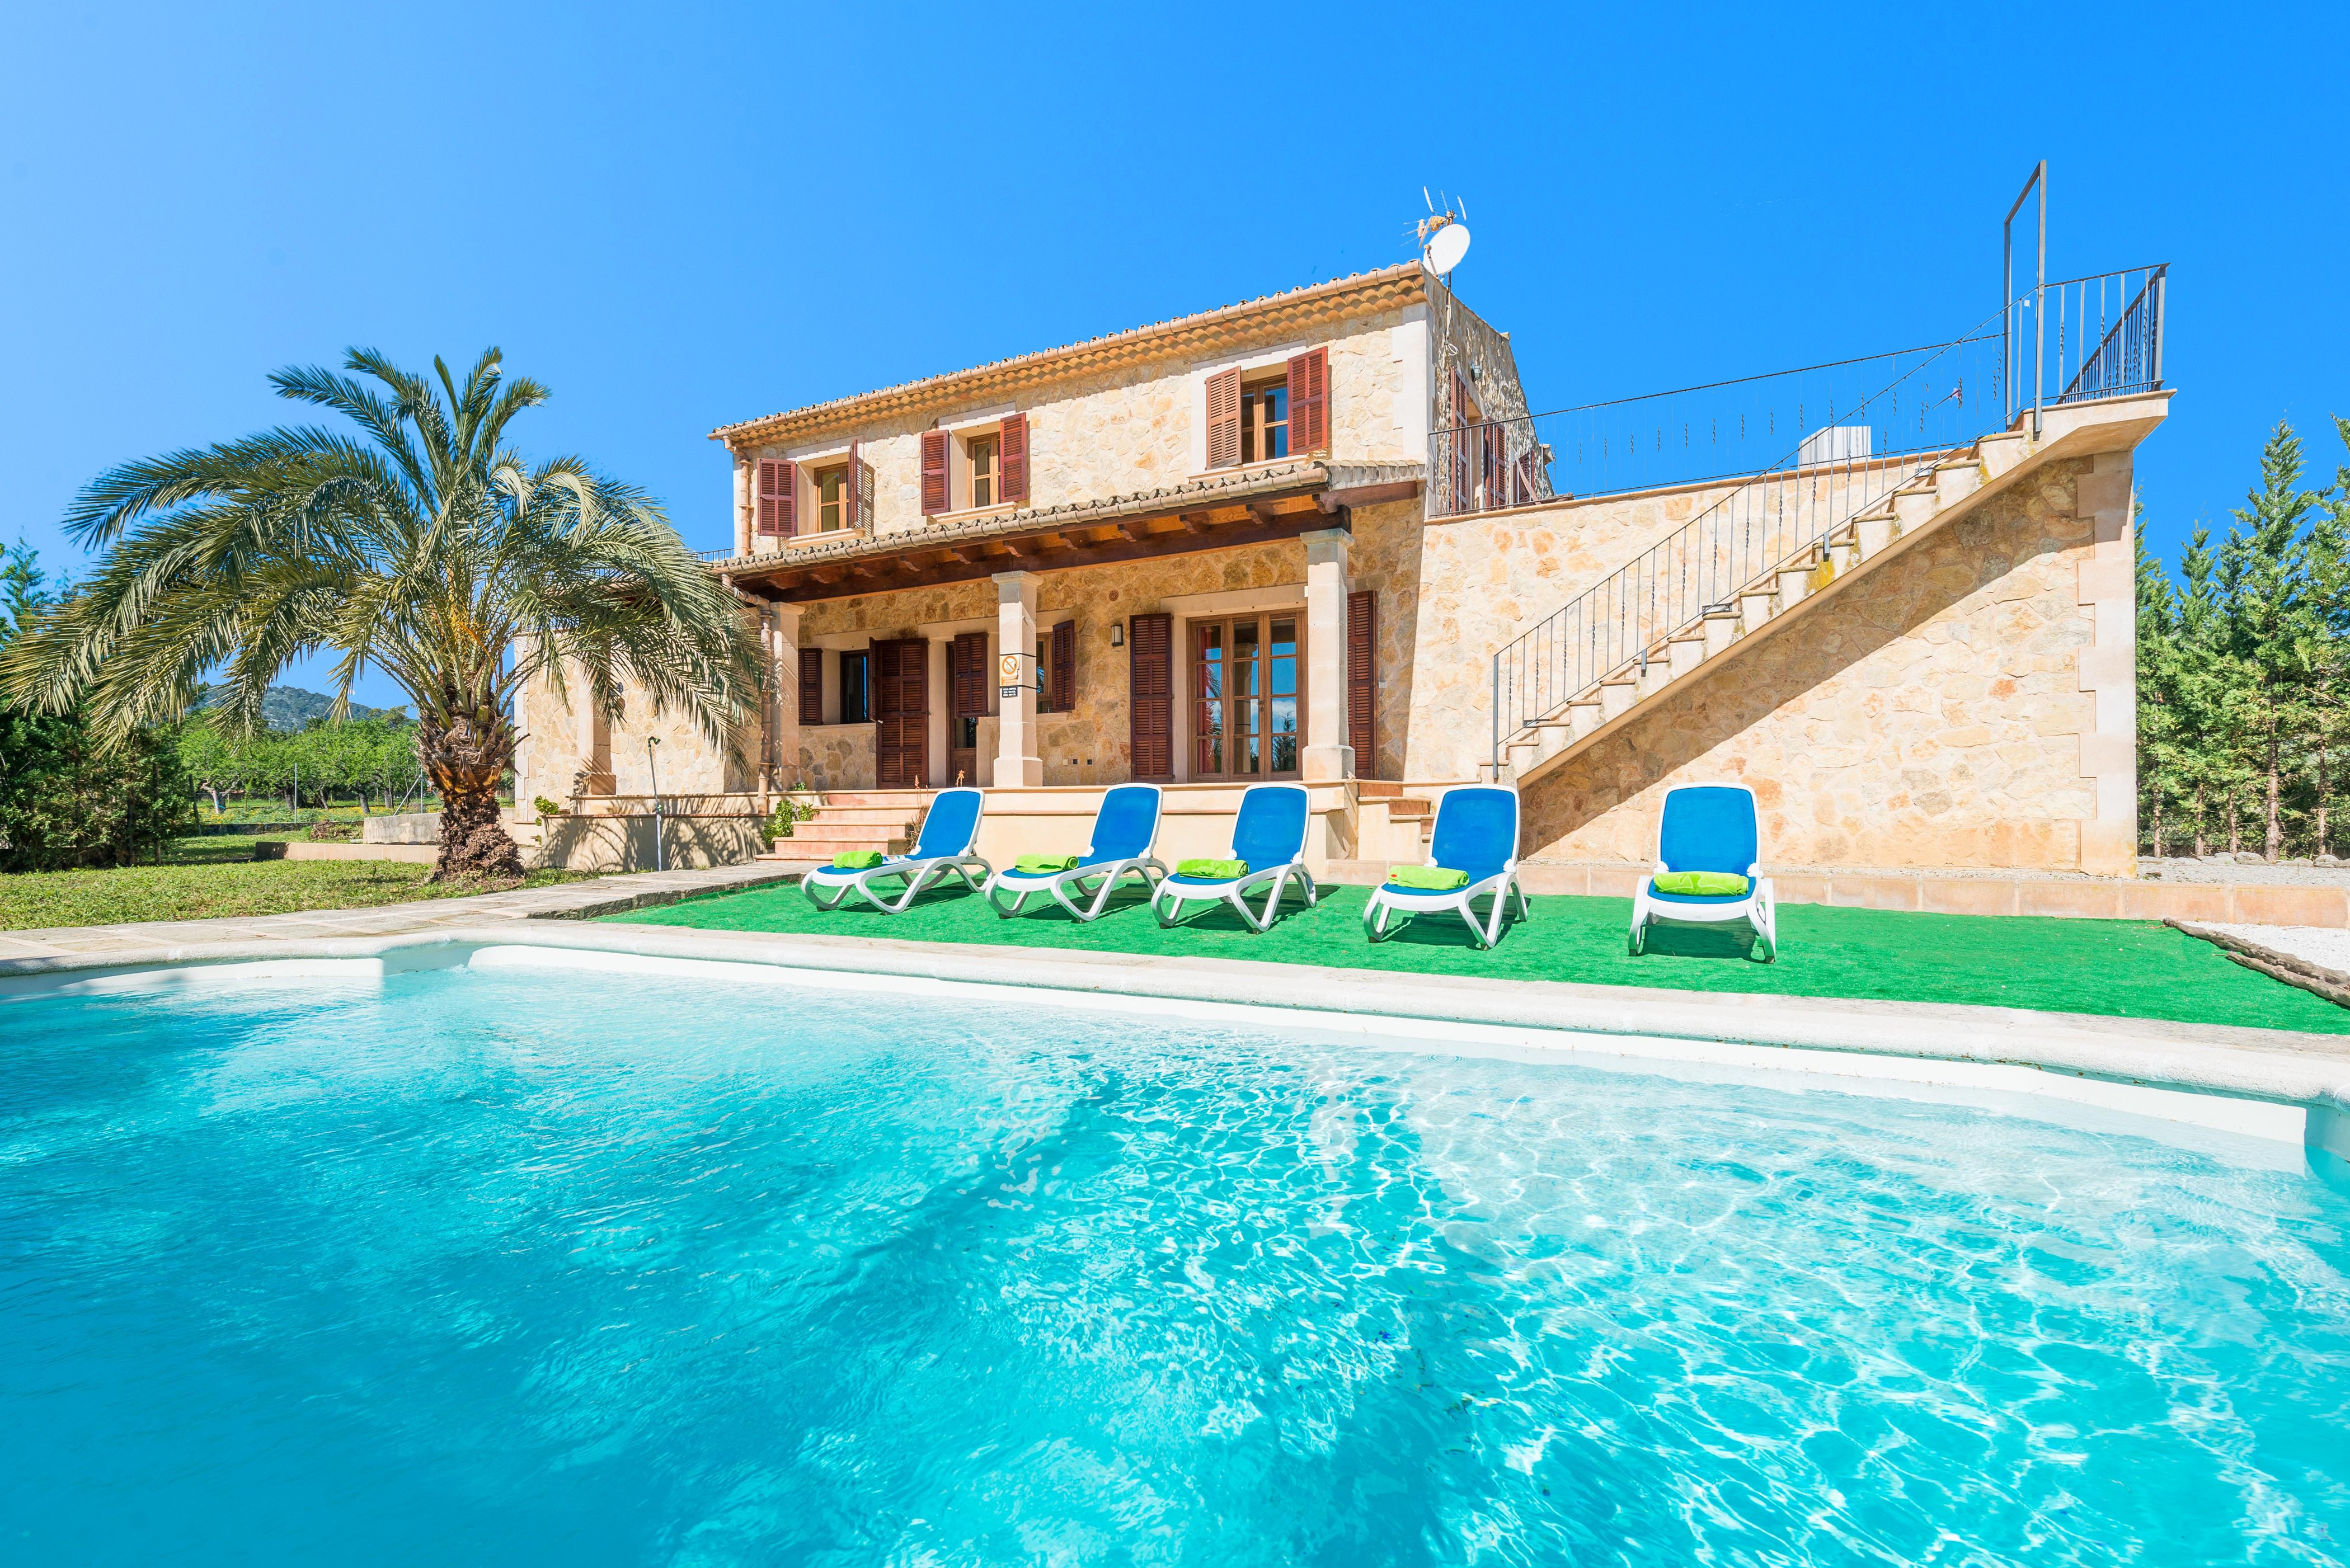 Ferienhaus BONA VIDA (1956241), Selva (ES), Mallorca, Balearische Inseln, Spanien, Bild 1